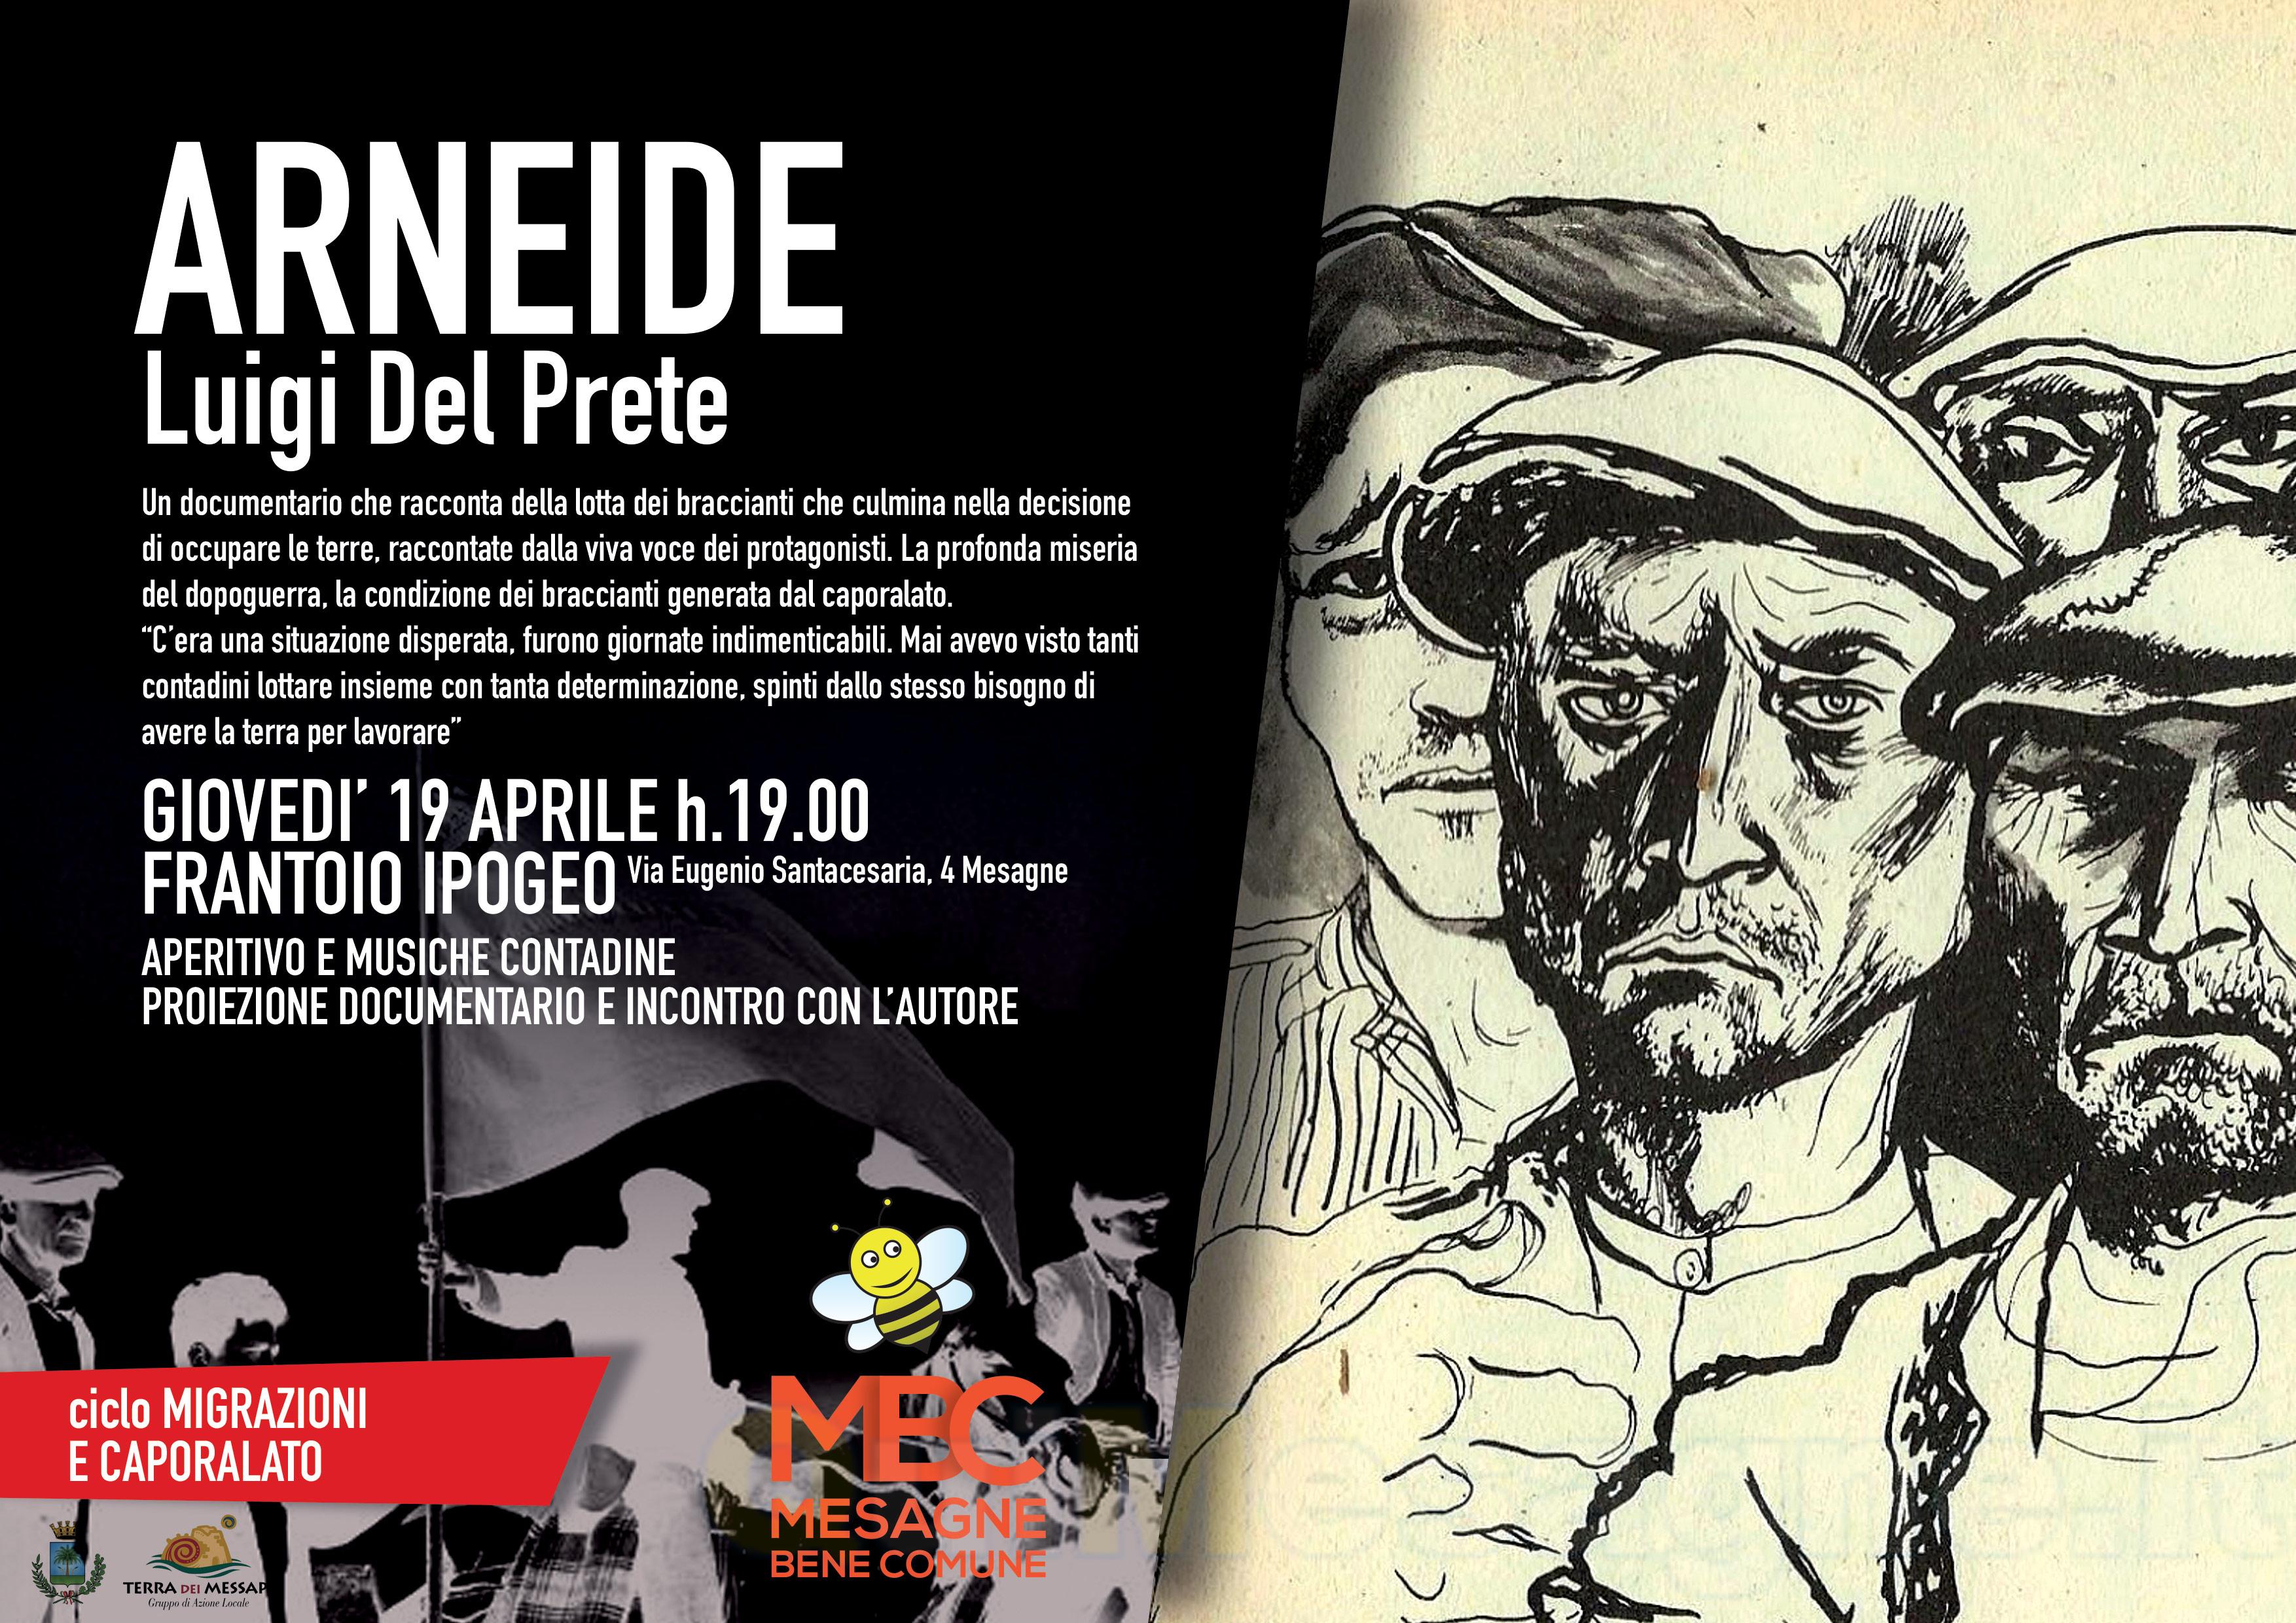 """Mesagne Bene Comune: Presentazione del documentario """"l'Arneide"""" con l'autore Luigi del Prete"""